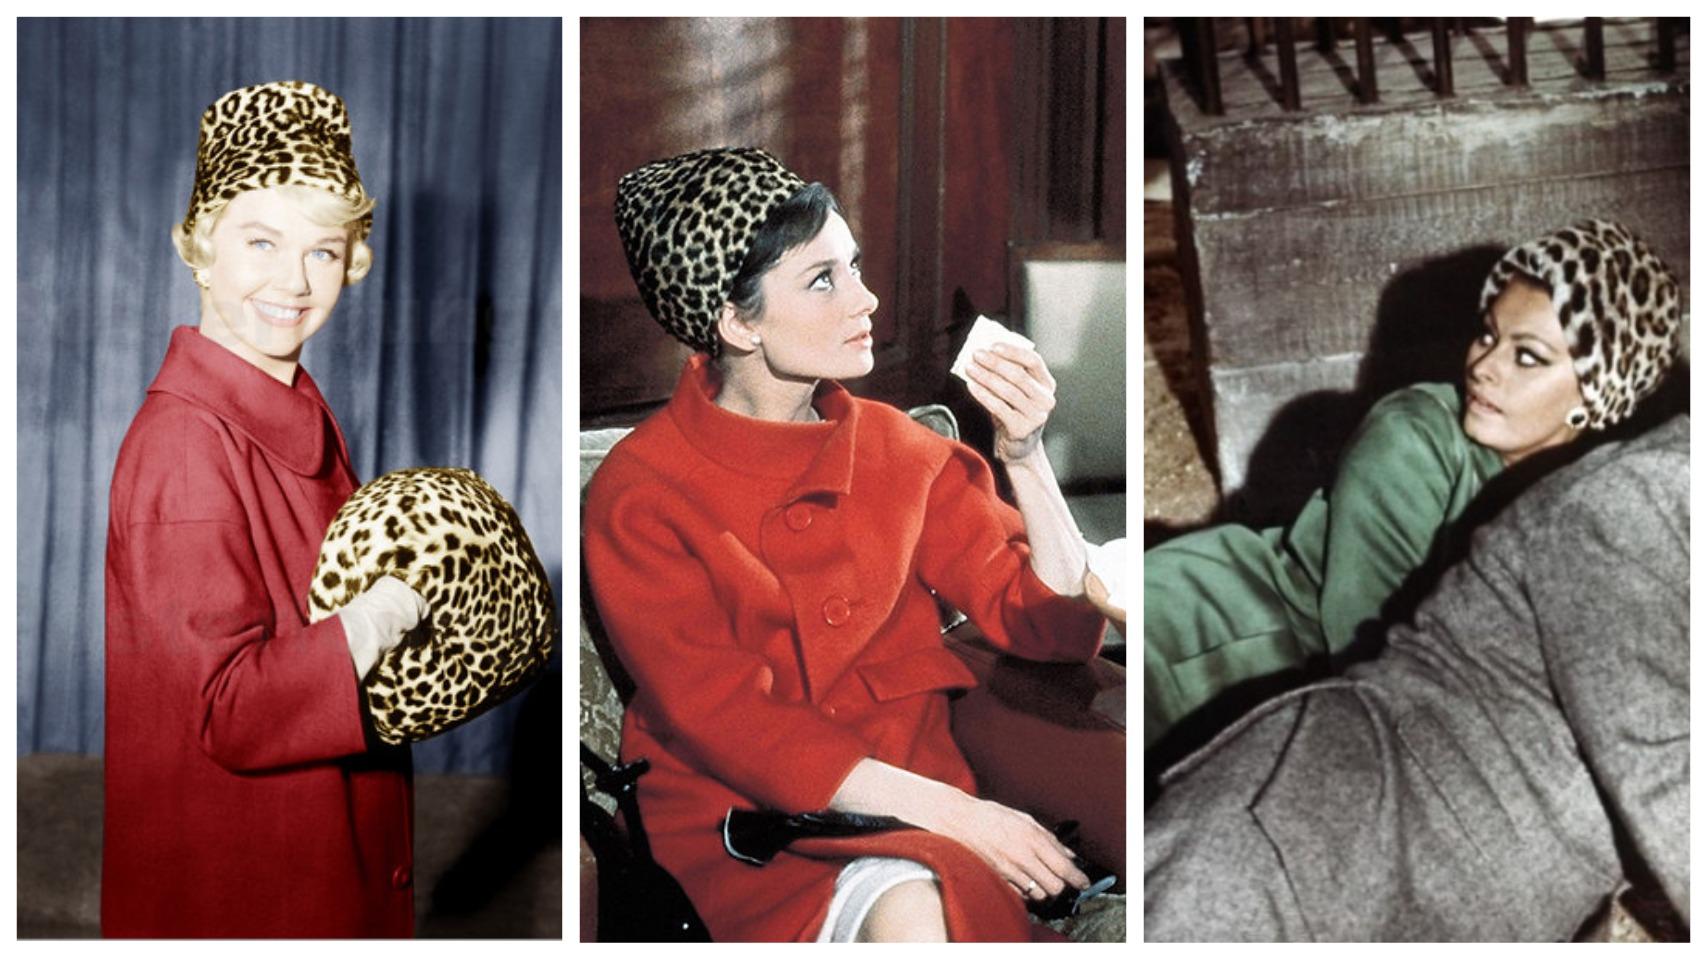 Слева направо - Дорис Дэй в фильме Телефон пополам (1959), Одри Хепберн в фильме Шарада (1963), Софи Лорен в фильме Арабеска (1966)